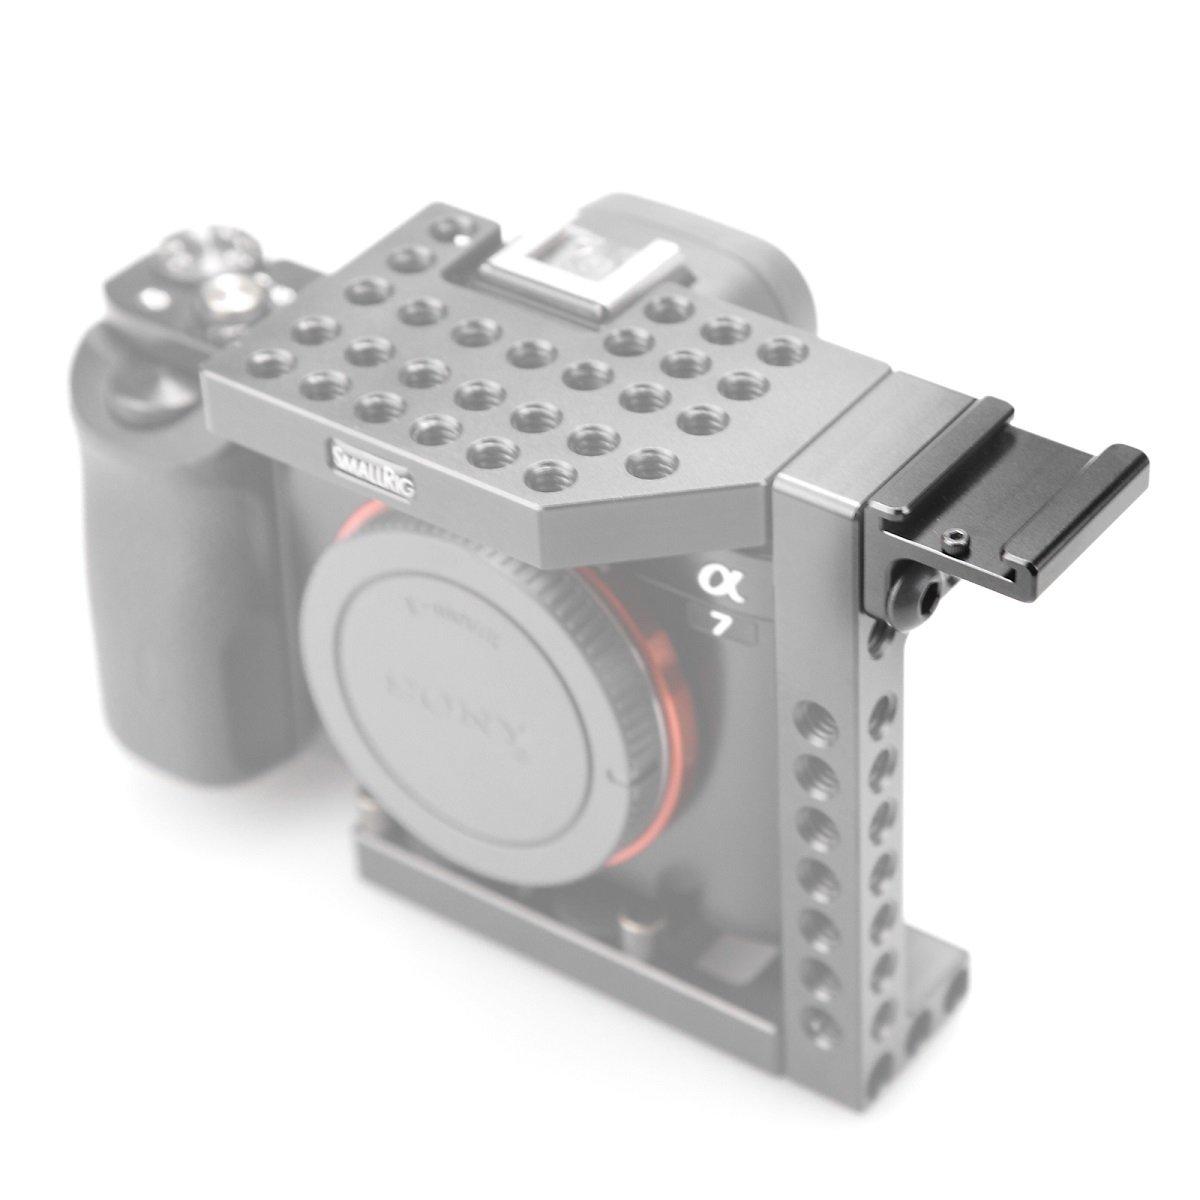 Gazechimp 1//8-27NPT Femmina A M14x1,5 Calibro Sensore Trasmettitore Adattatore Filetto Adattatore in Ottone